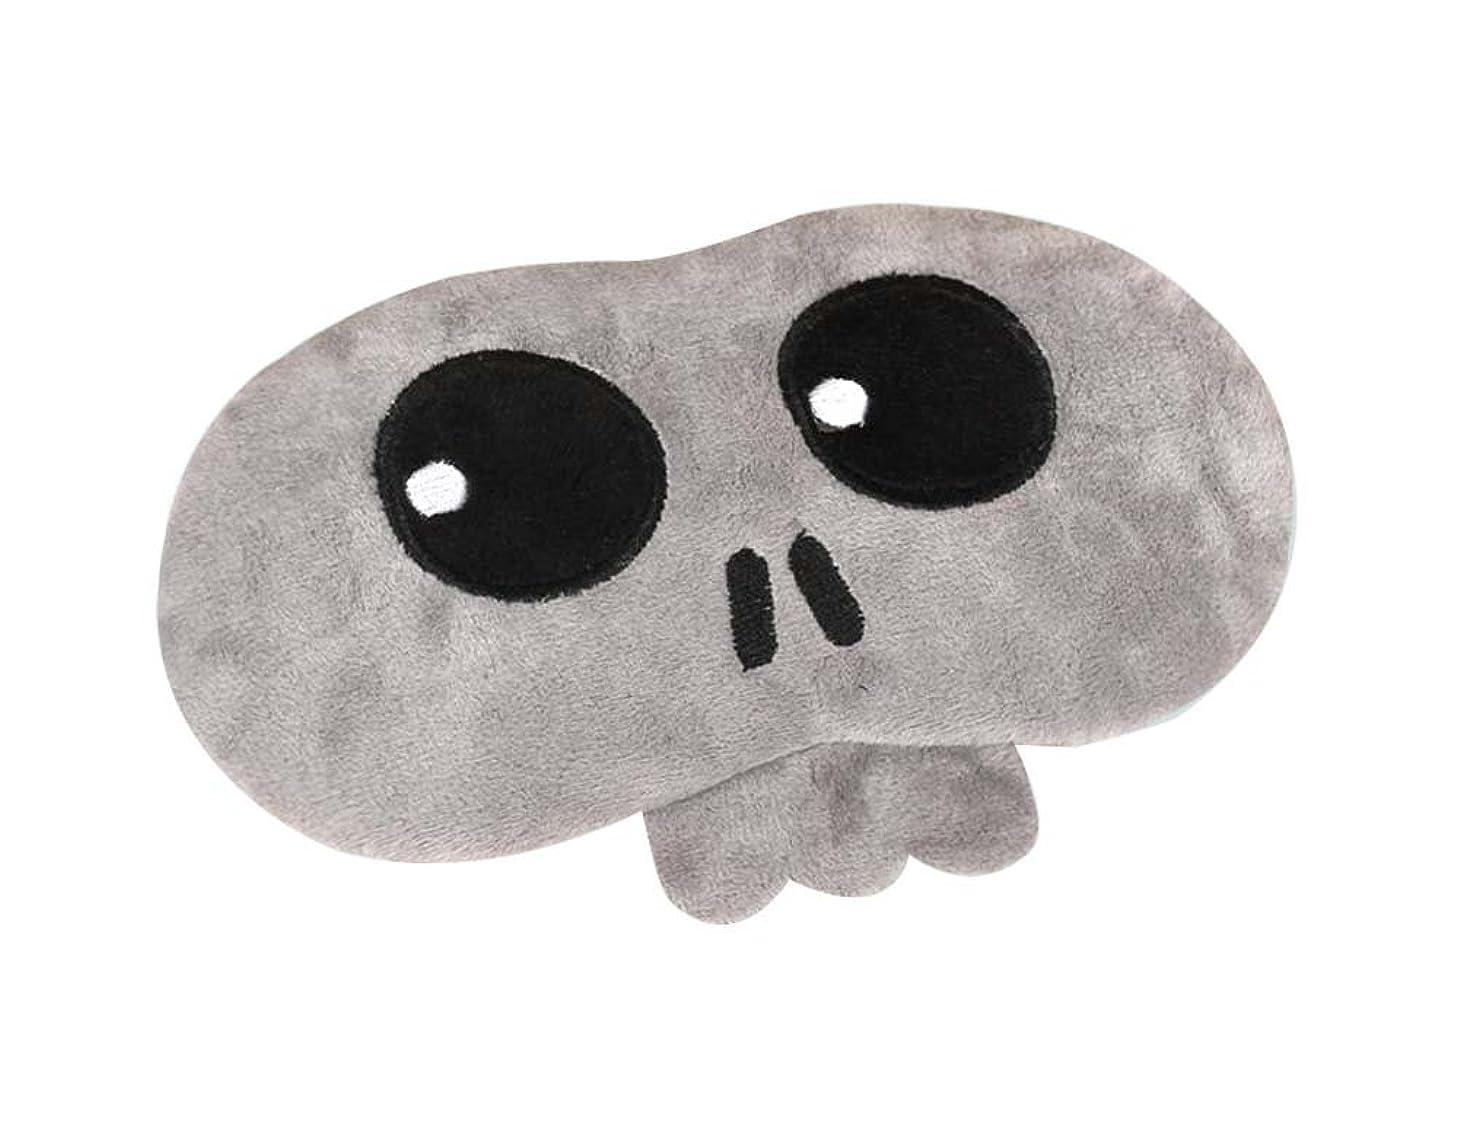 霊特派員マトリックス灰色の頭蓋骨の睡眠の目のマスク快適な目のカバー通気性のアイシェイド